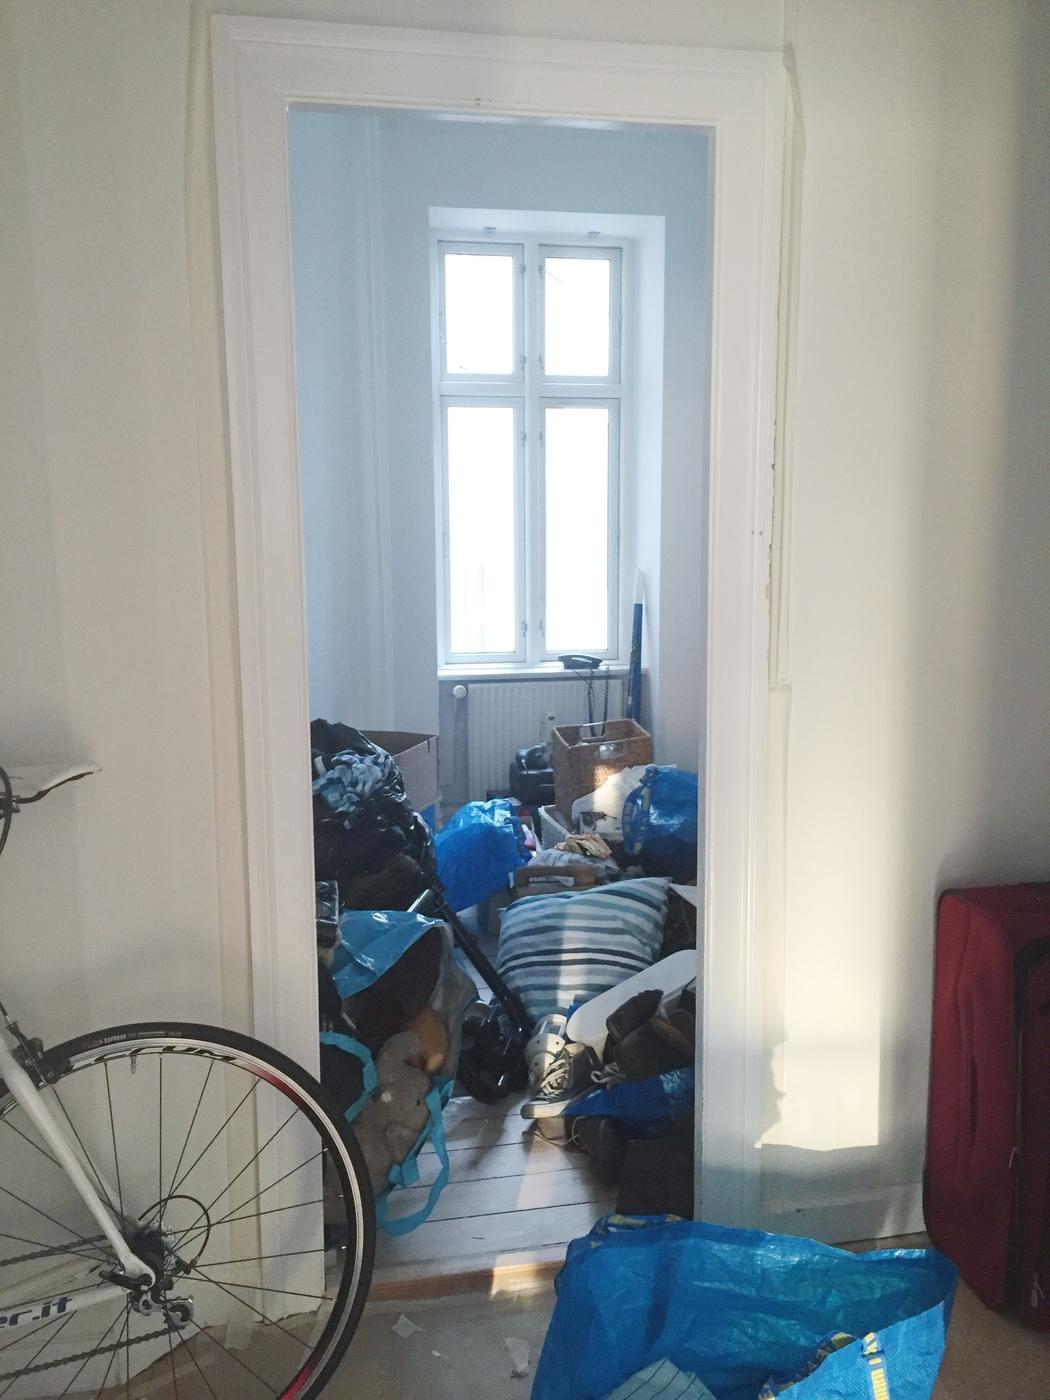 Pikkuhuoneen hurja muodonmuutos osa 1